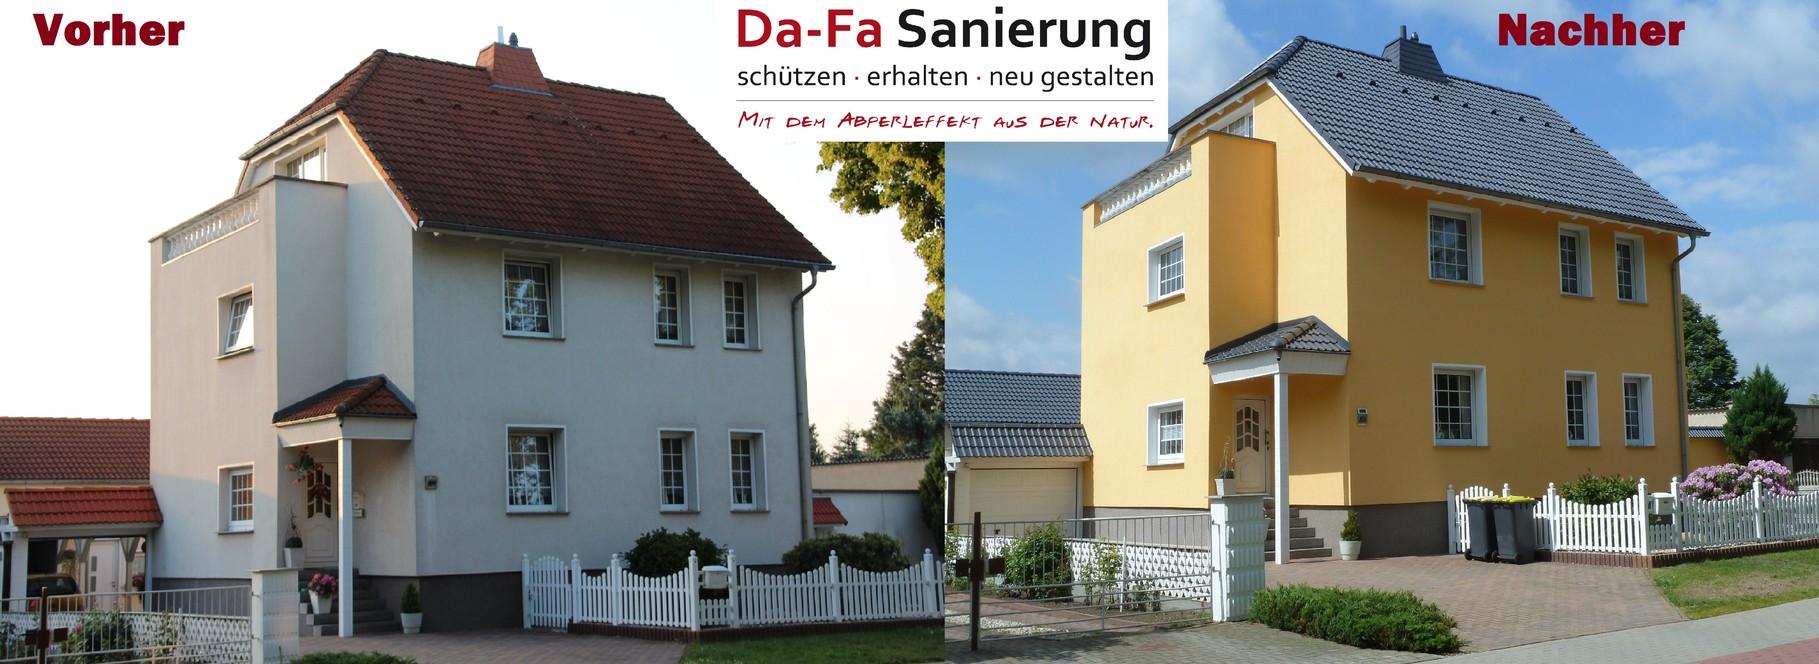 dachbeschichtung kosten dachbeschichtungen preise dachreinigung berlin brandenburg sachsen. Black Bedroom Furniture Sets. Home Design Ideas